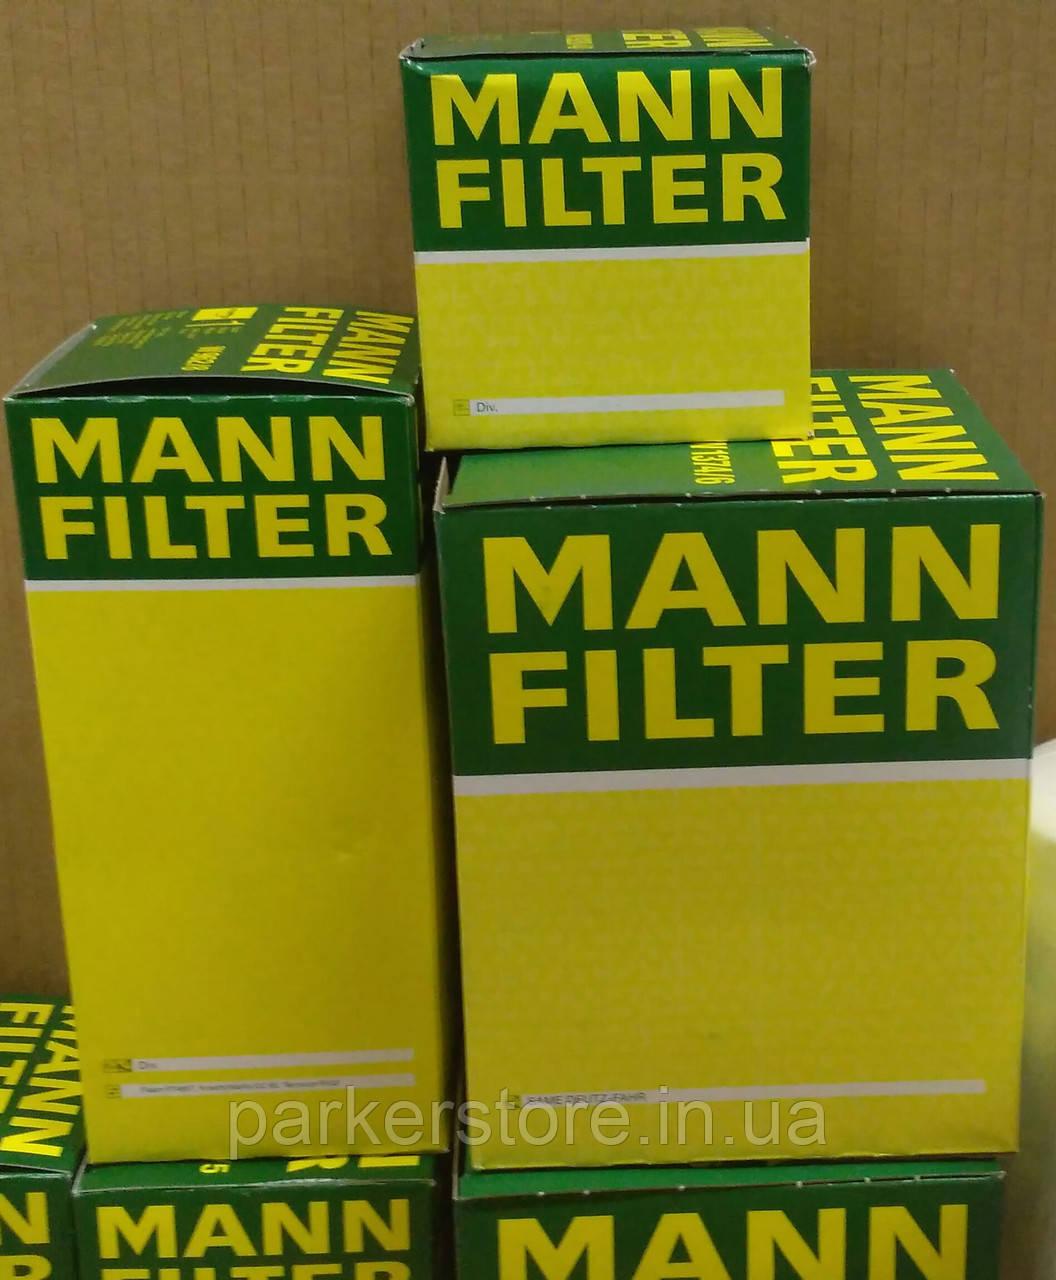 MANN FILTER / Повітряний фільтр / C 2562 / C2562